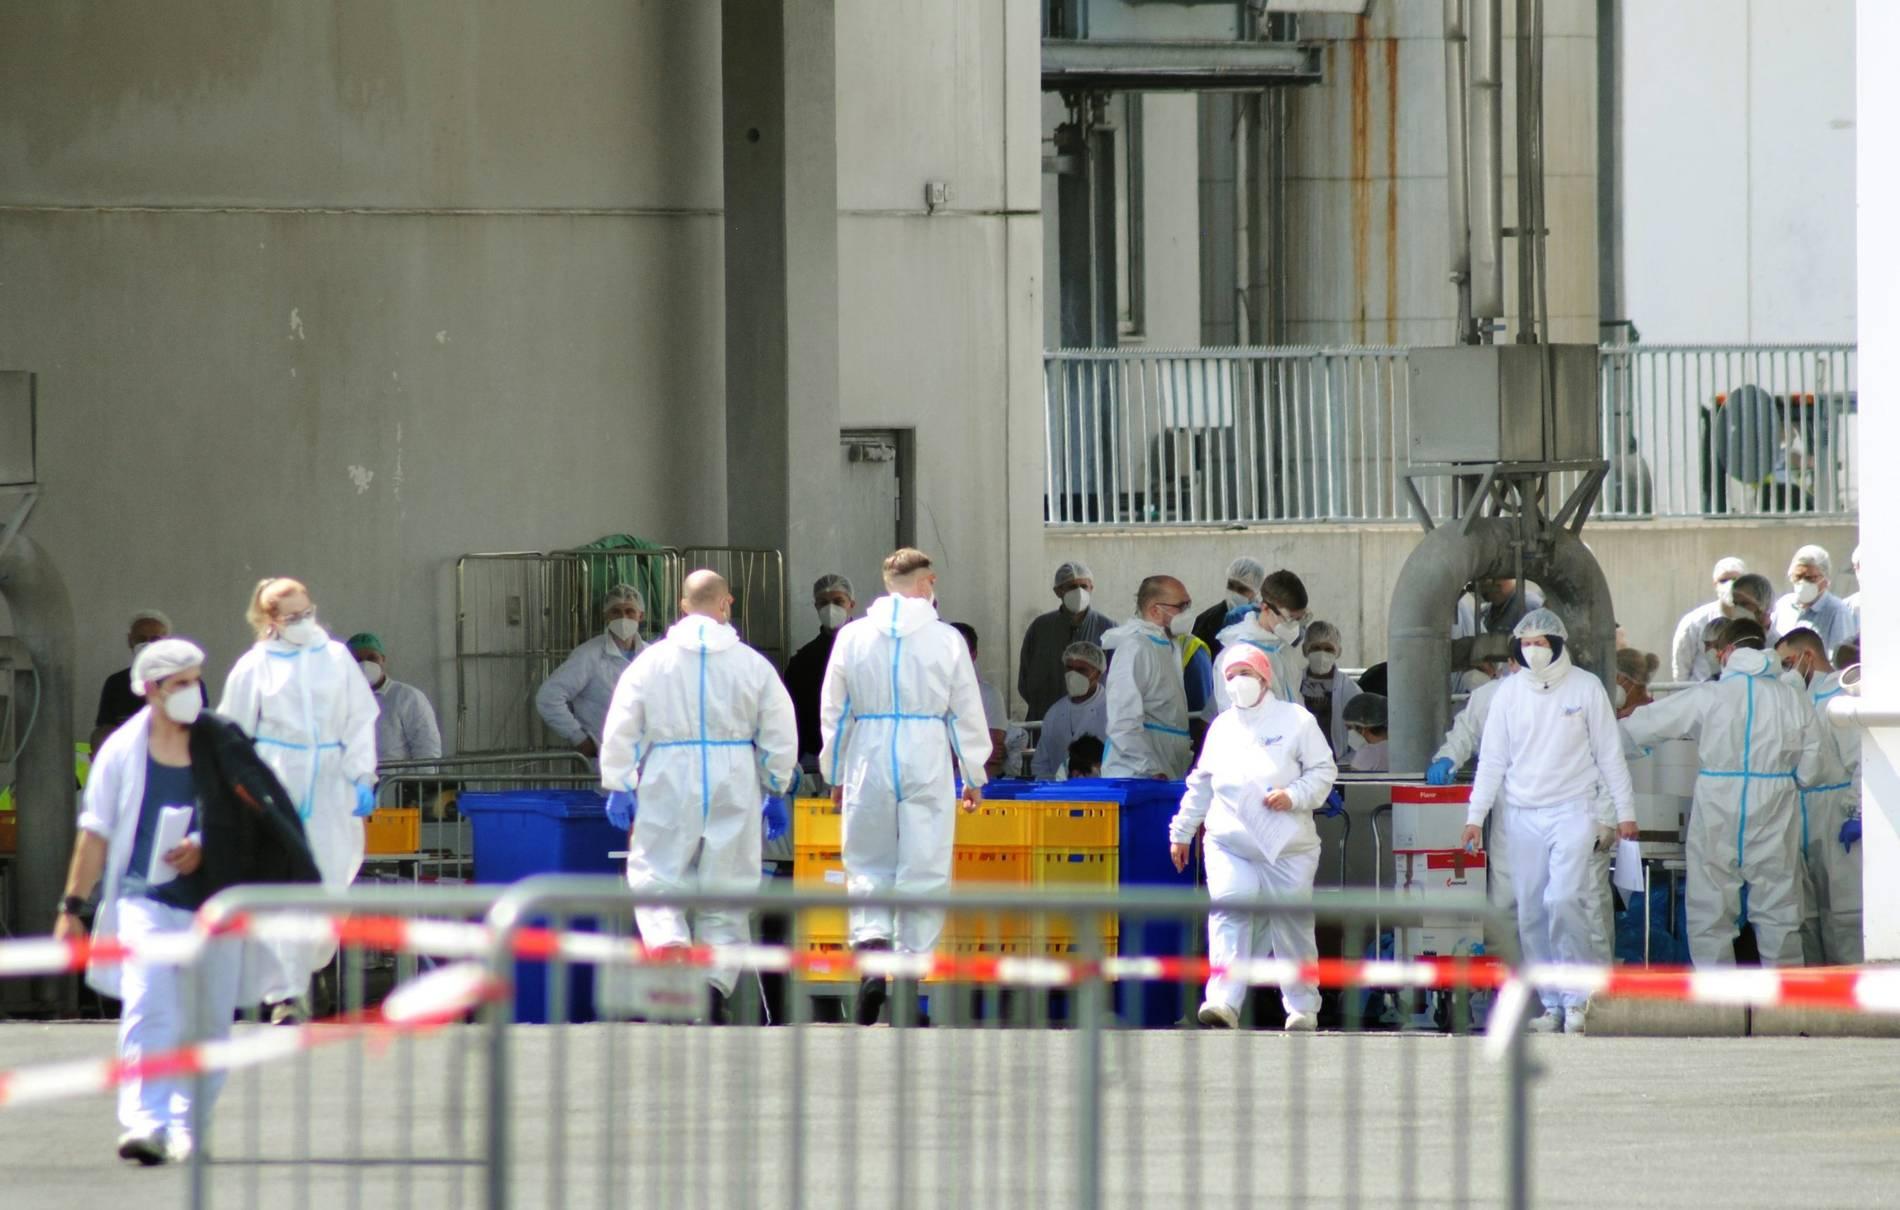 tonnies fleischfabrik 14 tage geschlossen